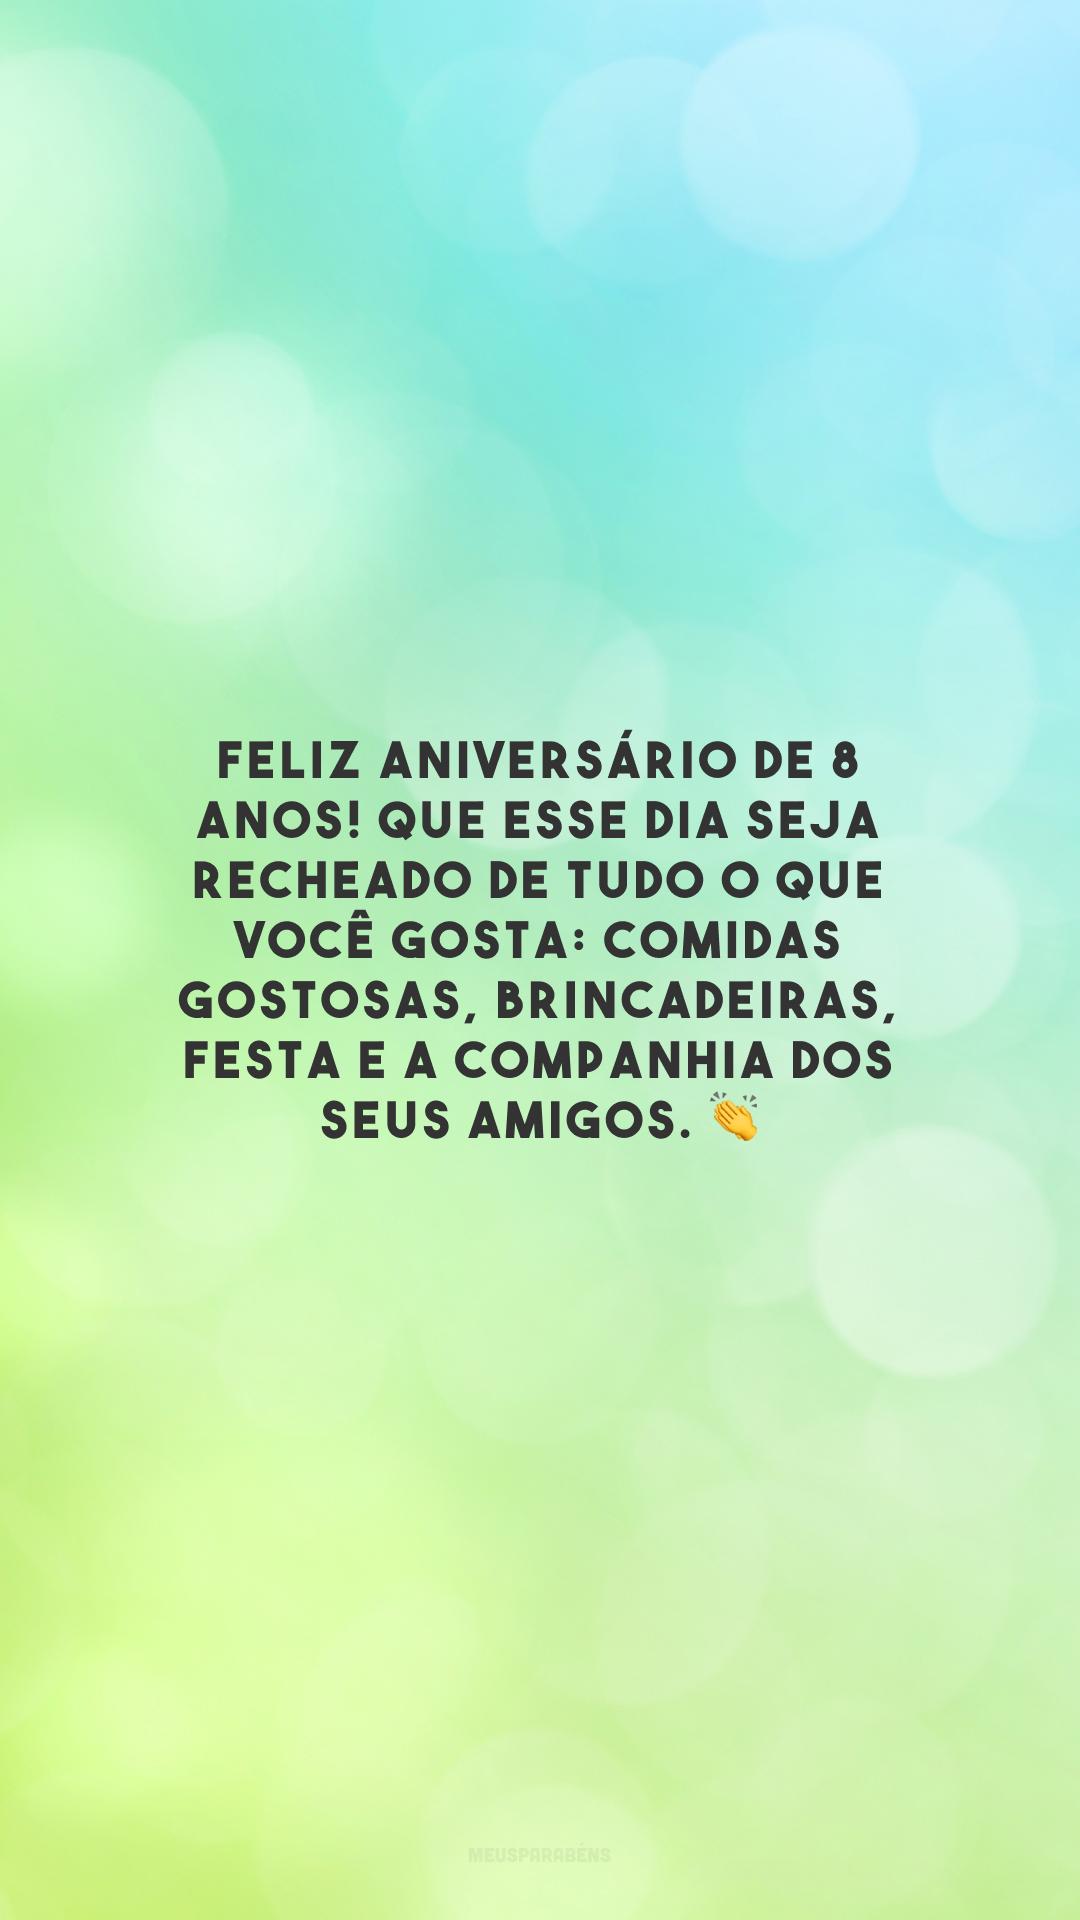 Feliz aniversário de 8 anos! Que esse dia seja recheado de tudo o que você gosta: comidas gostosas, brincadeiras, festa e a companhia dos seus amigos. 👏